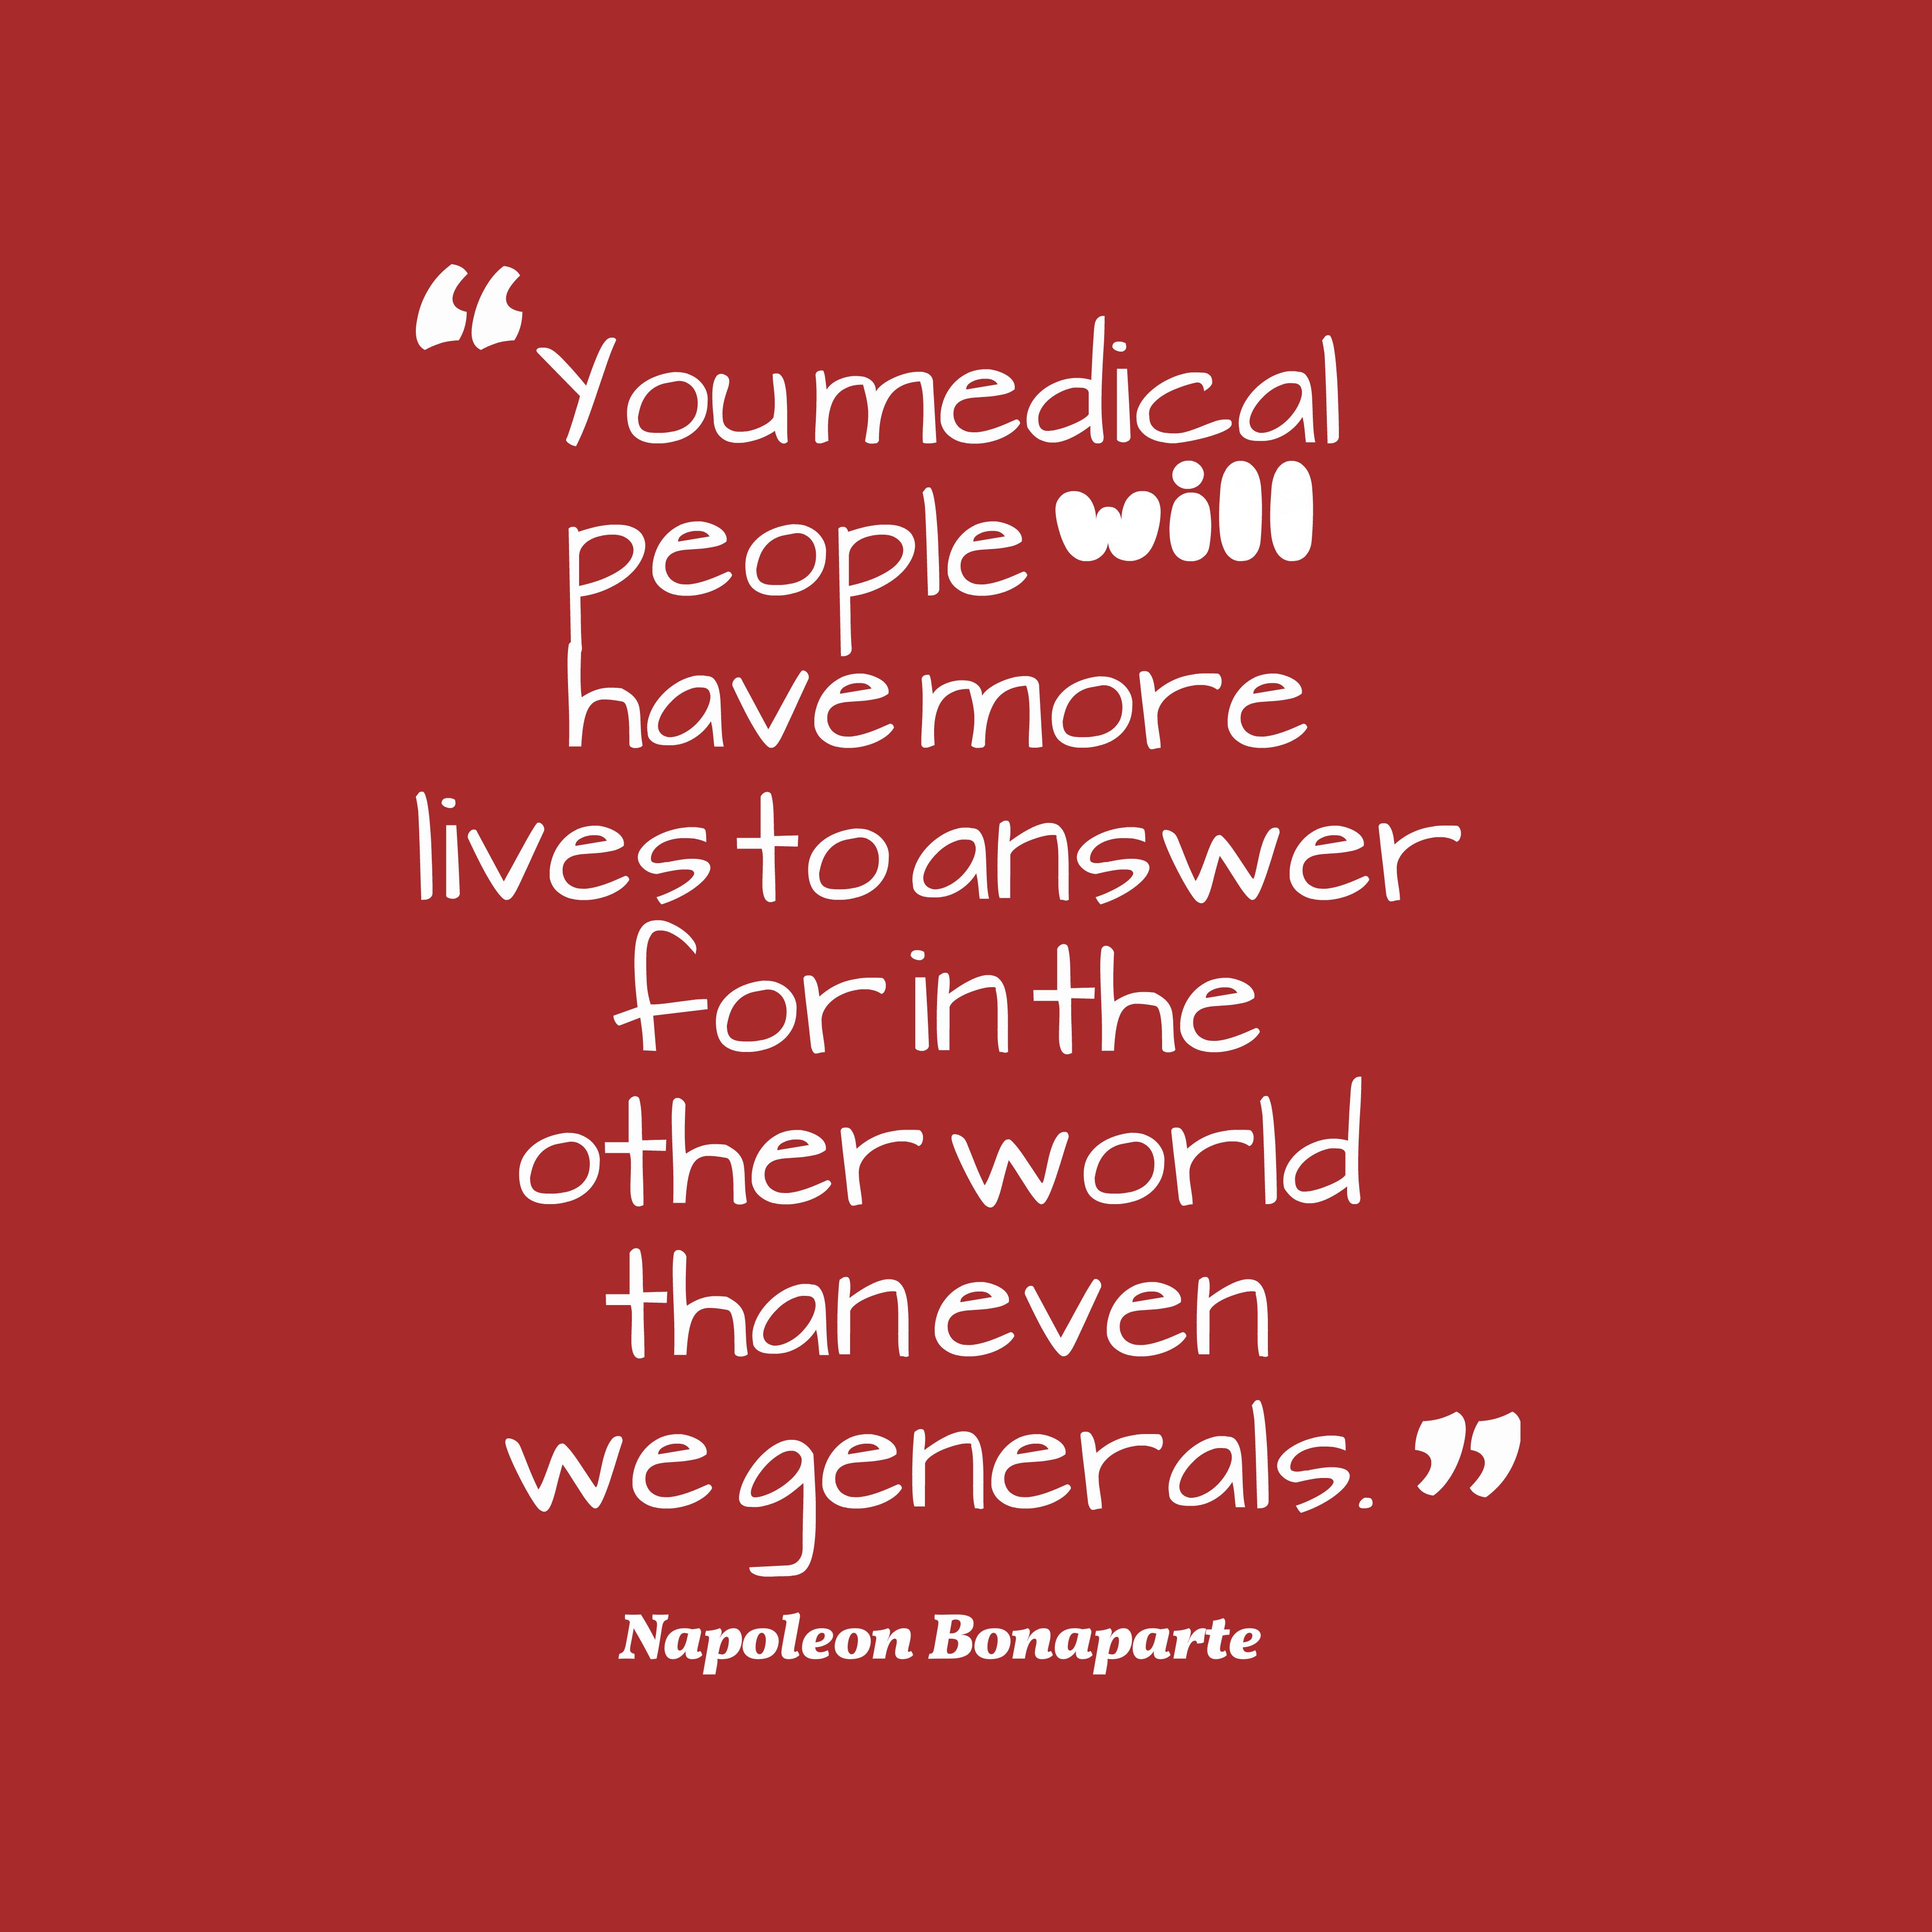 Medical Quotes: 50 Best Napoleon Bonaparte Quotes Images